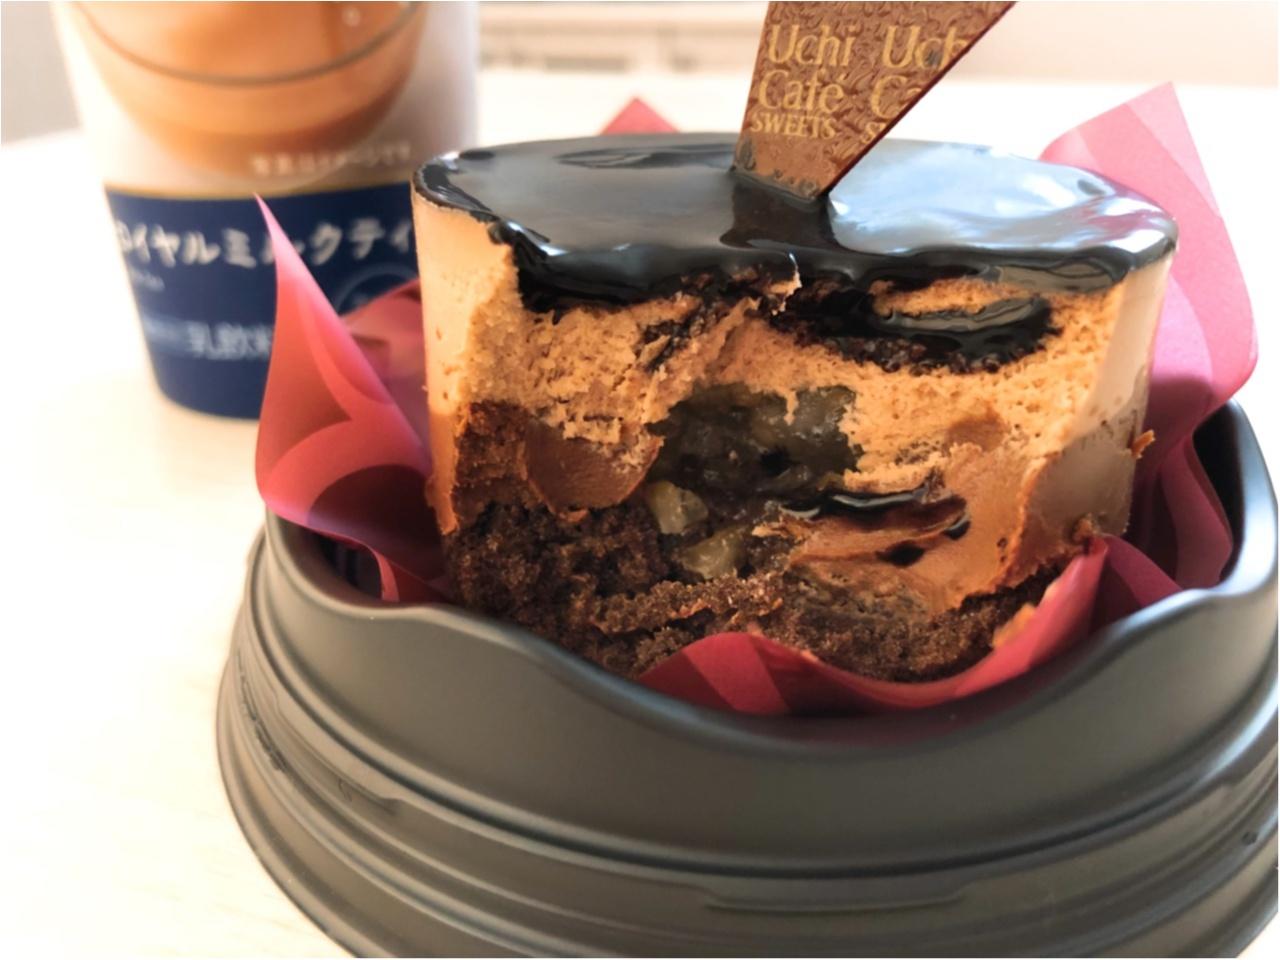 手軽におうちで本格チョコレートケーキを楽しむなら!ローソンのバレンタインスイーツがおすすめ!!_4